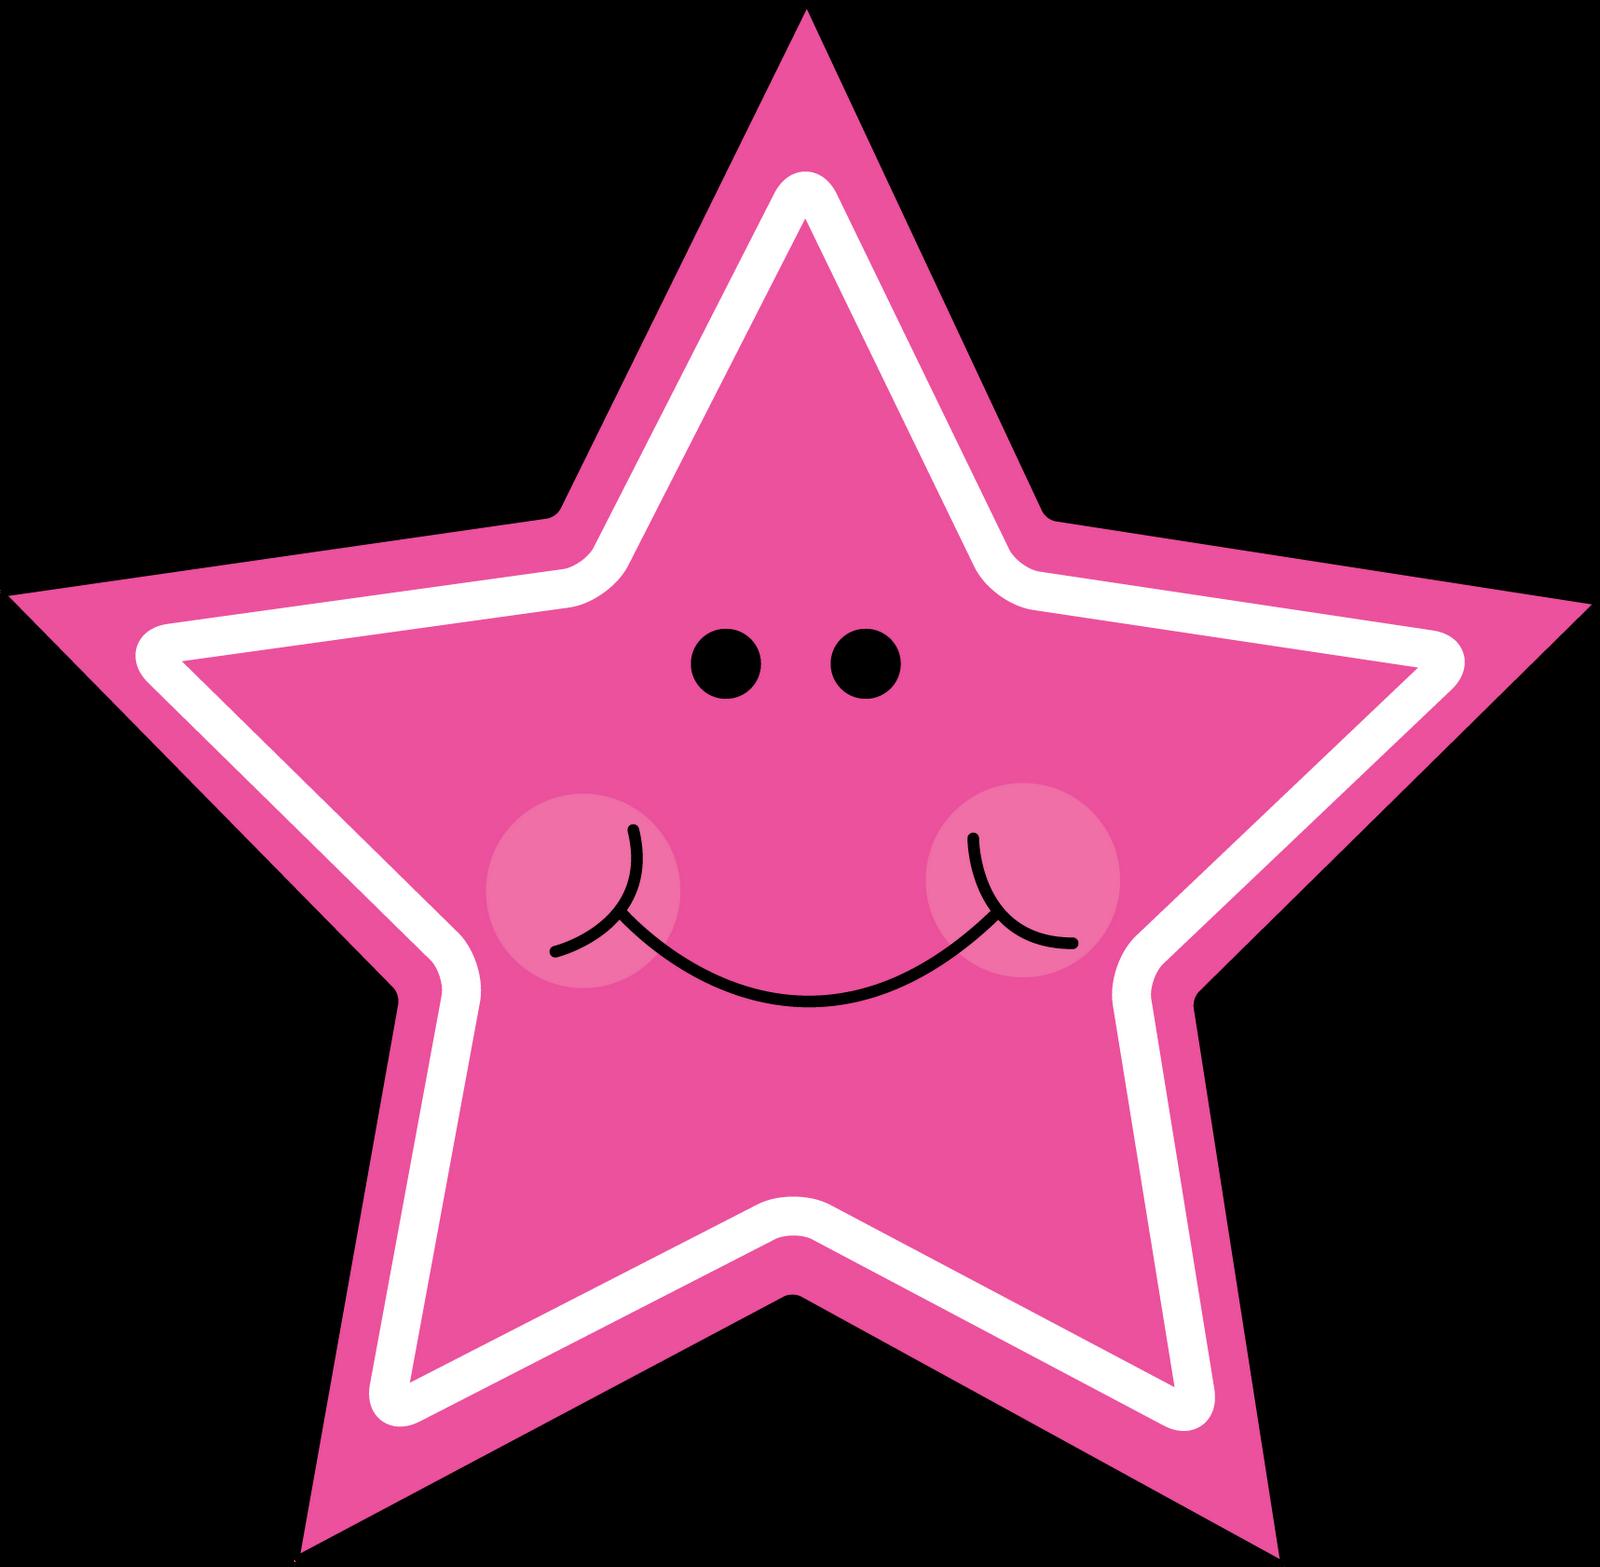 Pink star clip art clipart